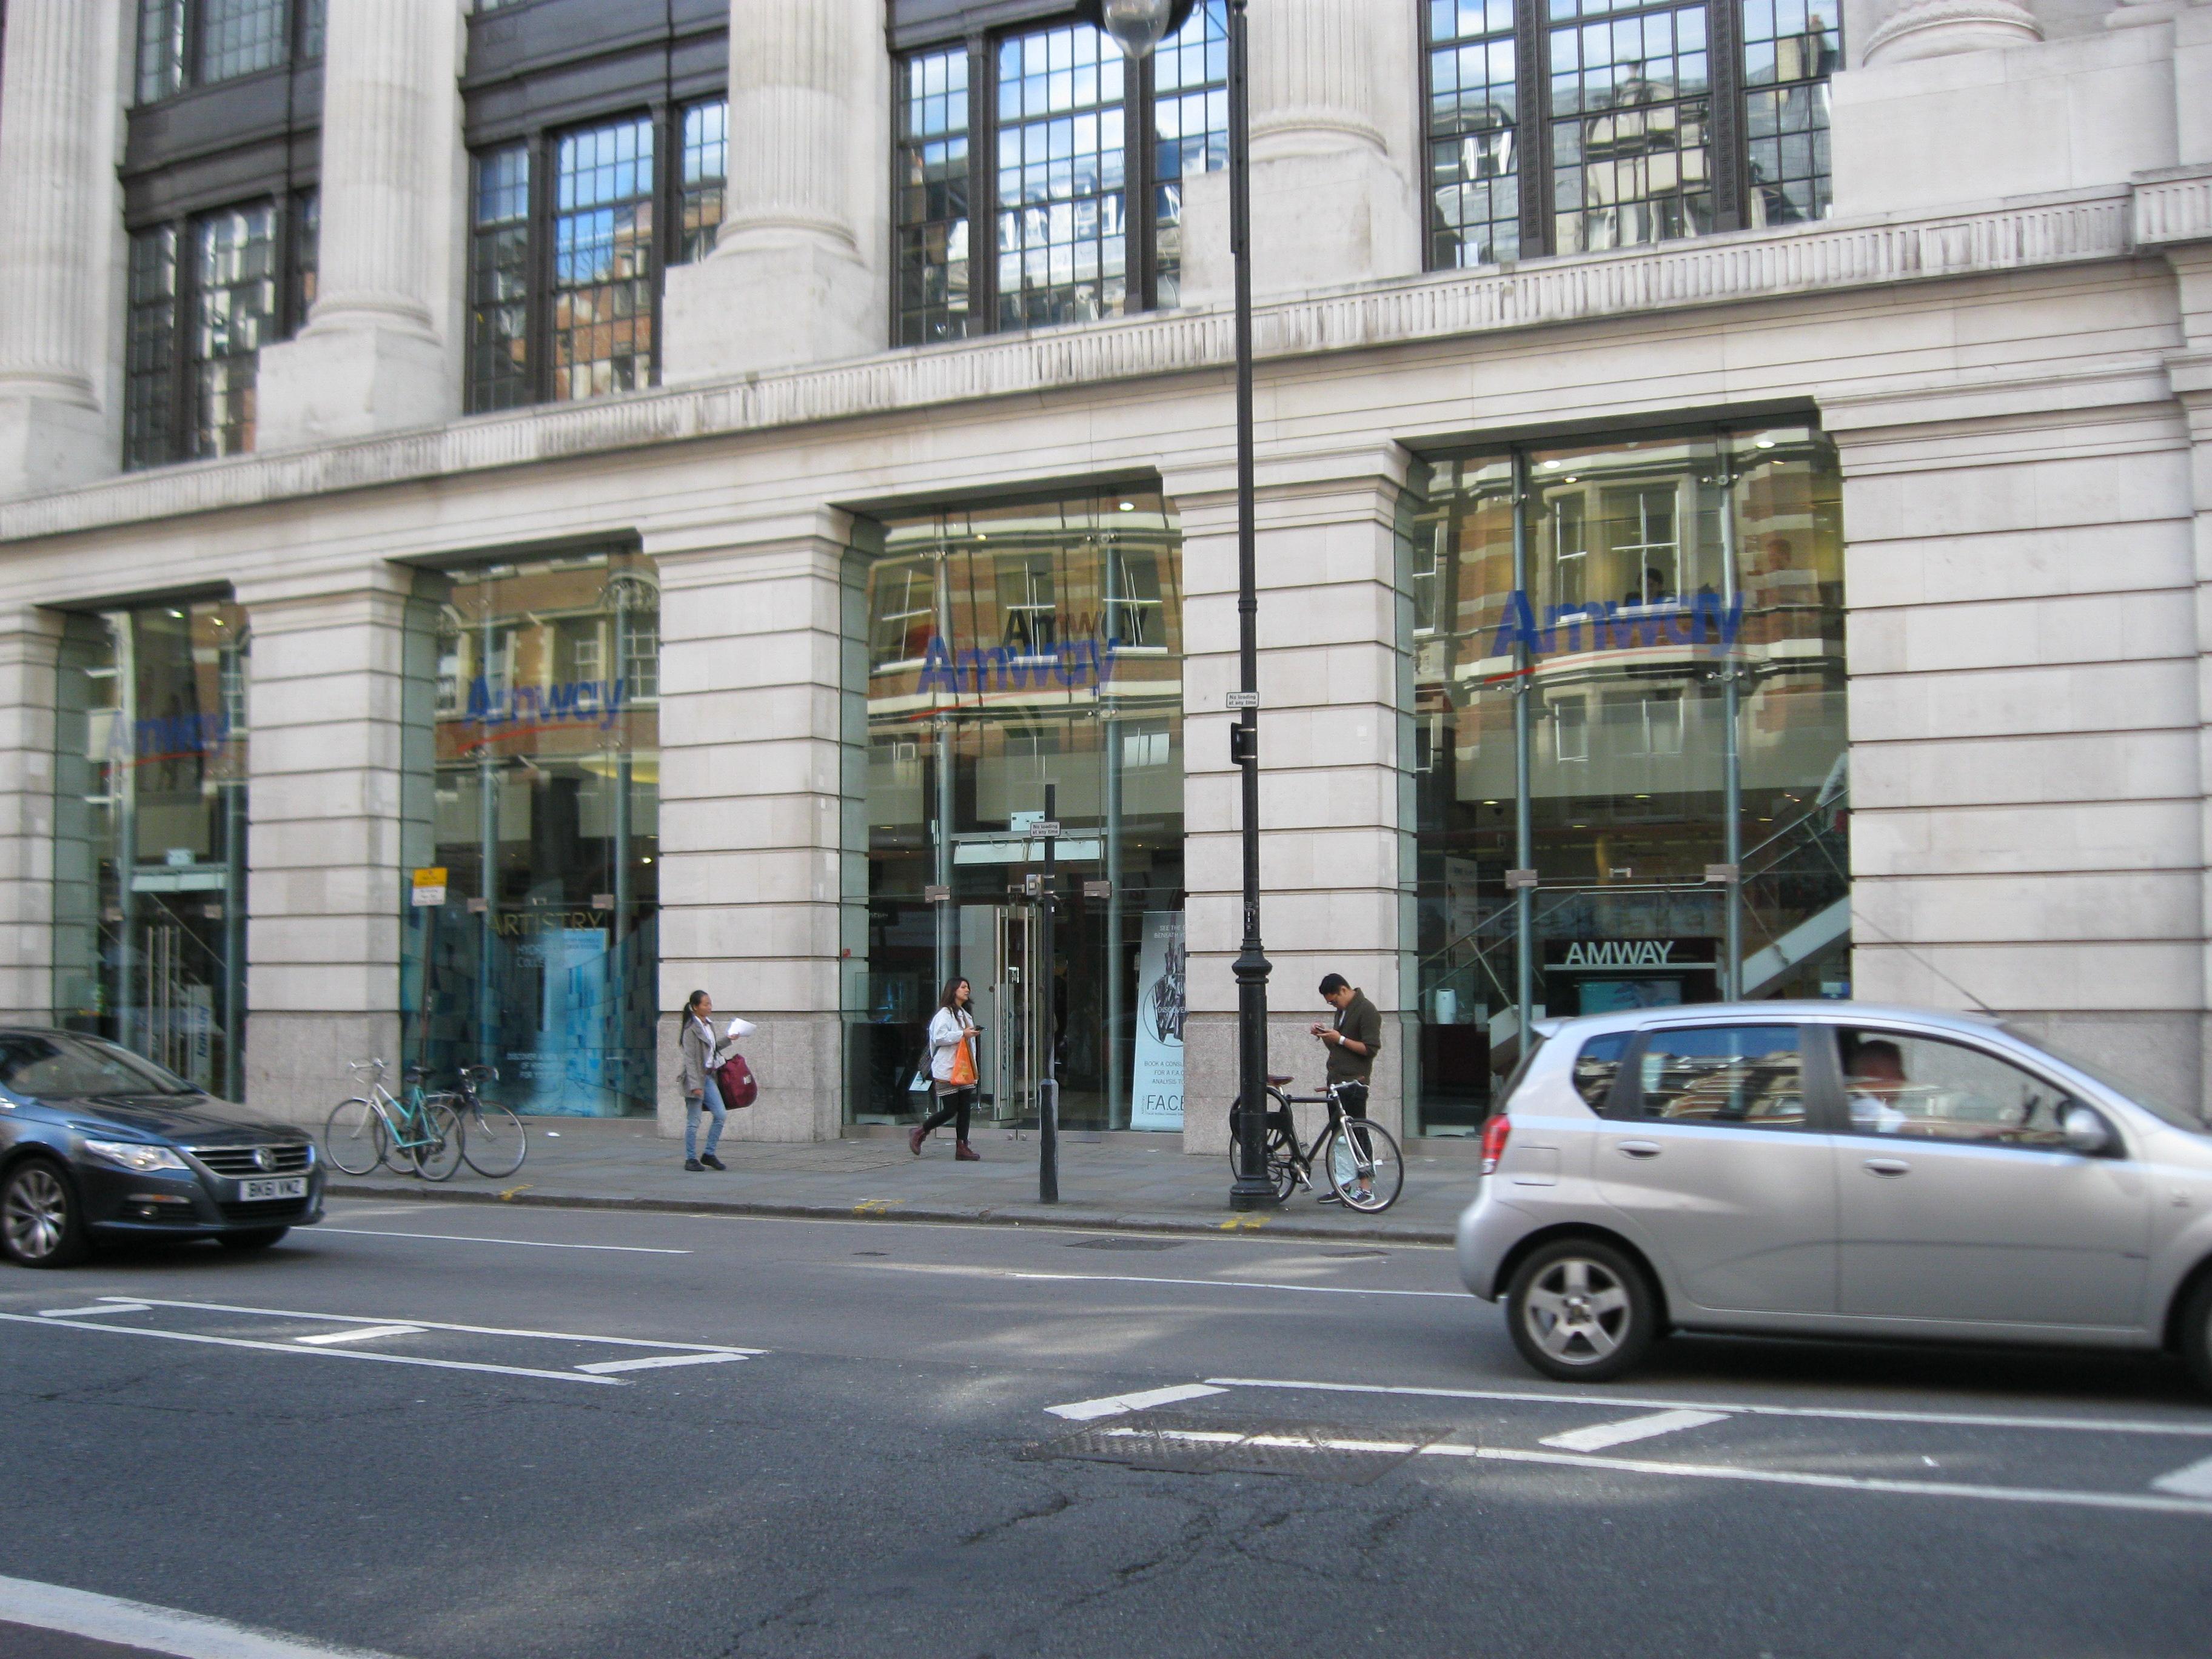 Odwiedziłam sklep AMWAY w Londynie